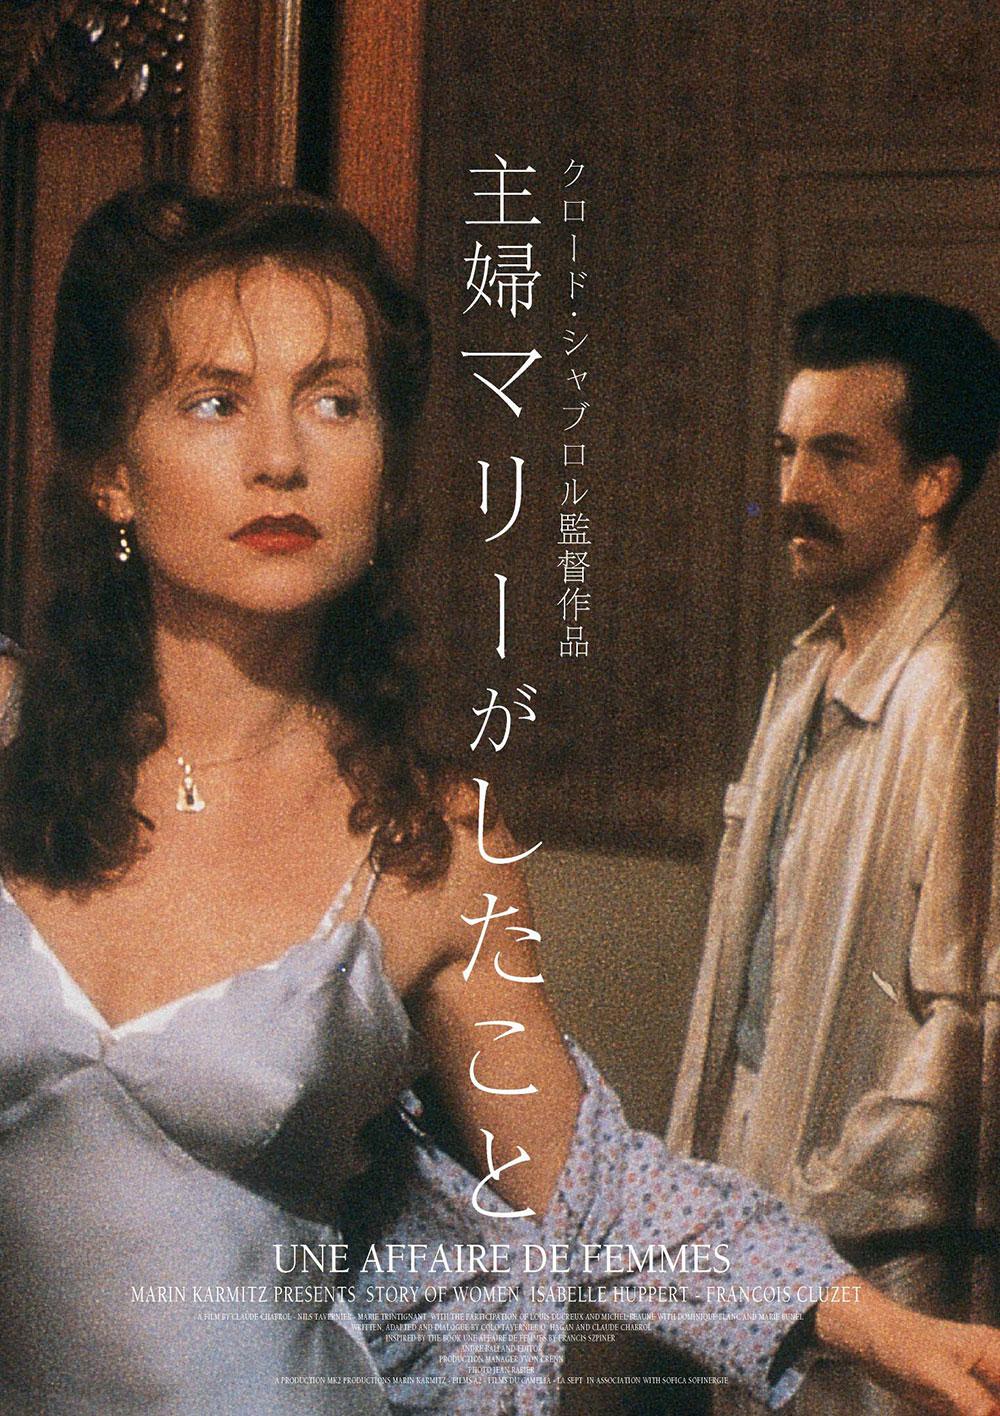 『主婦マリーがしたこと』©1988 MK2 Productions / Films A2 / Films du Camelia / Sept